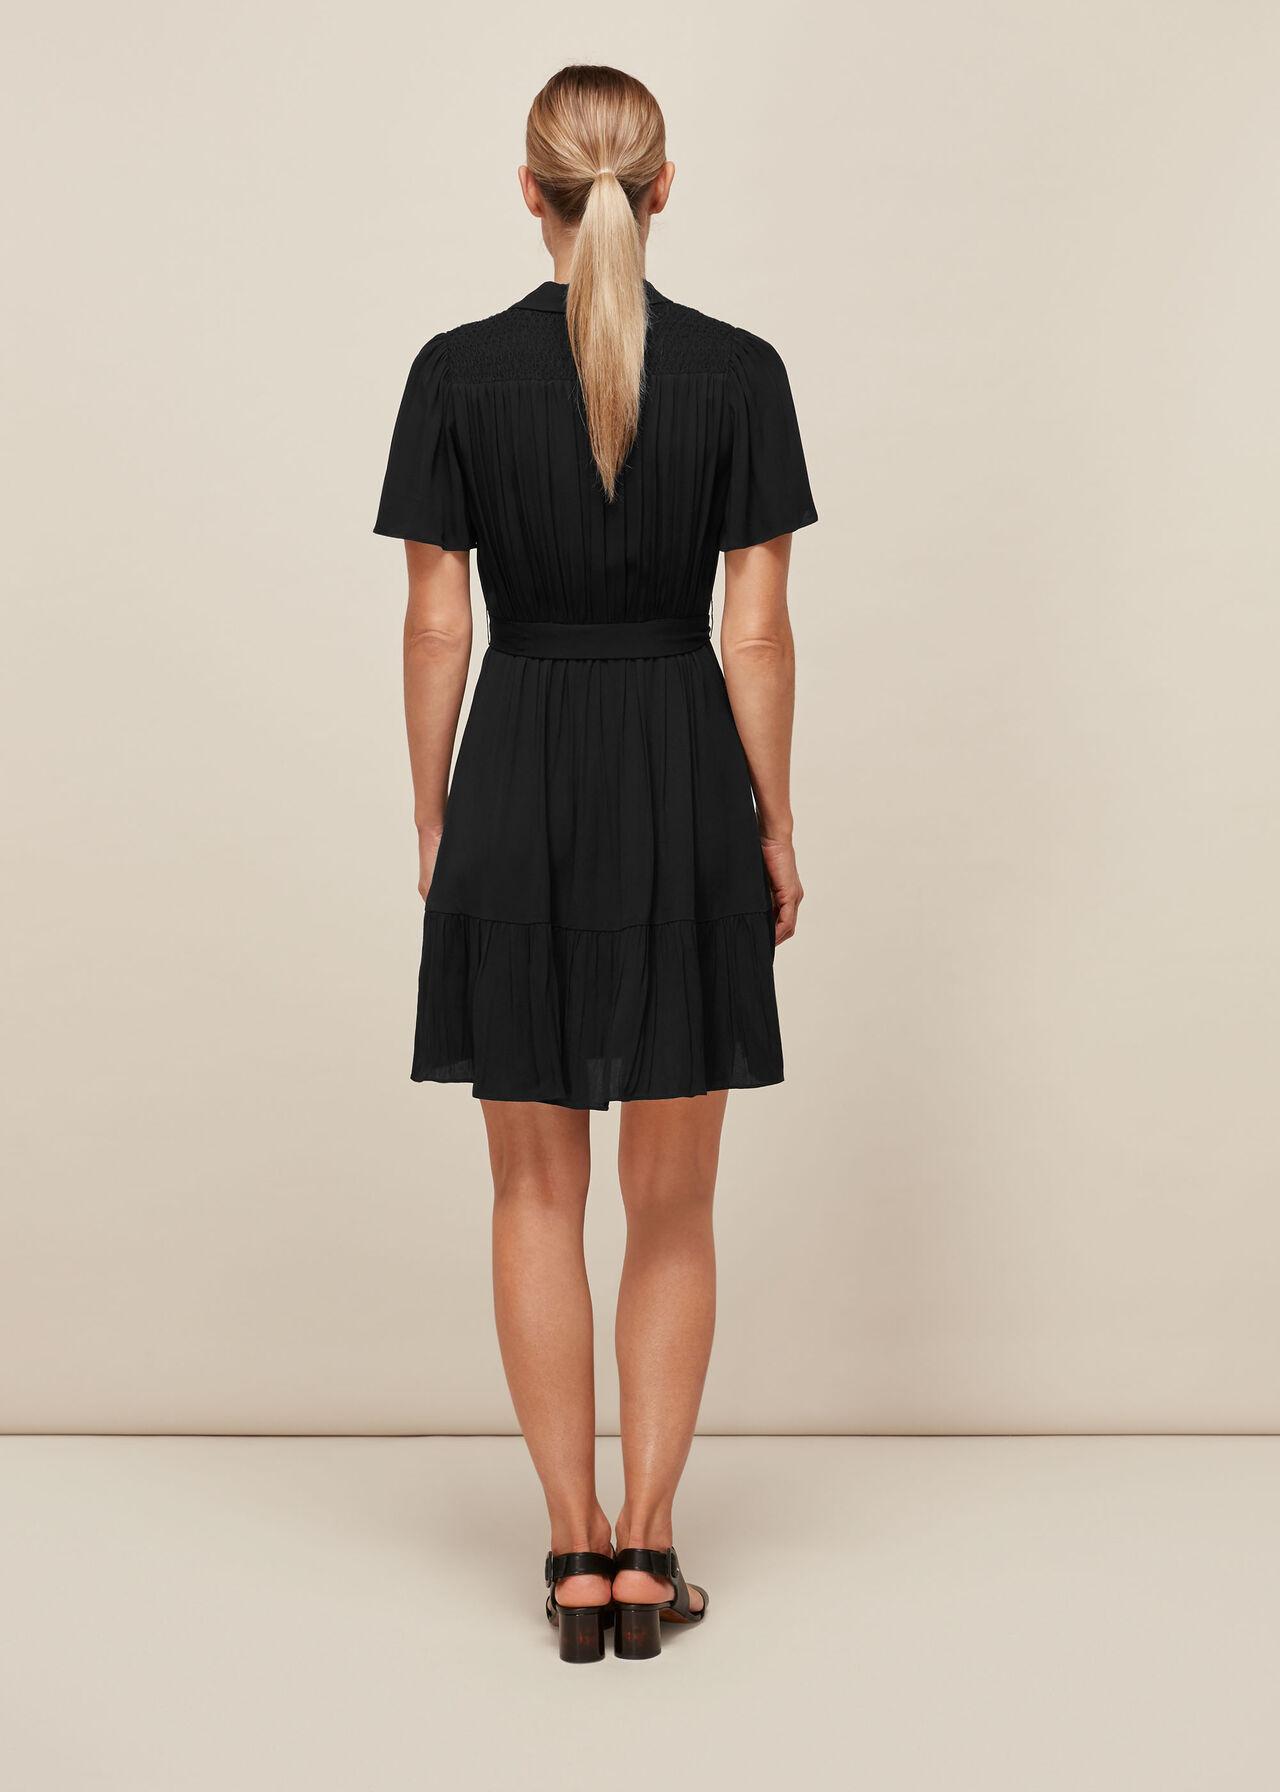 Tate Smocking Detail Dress